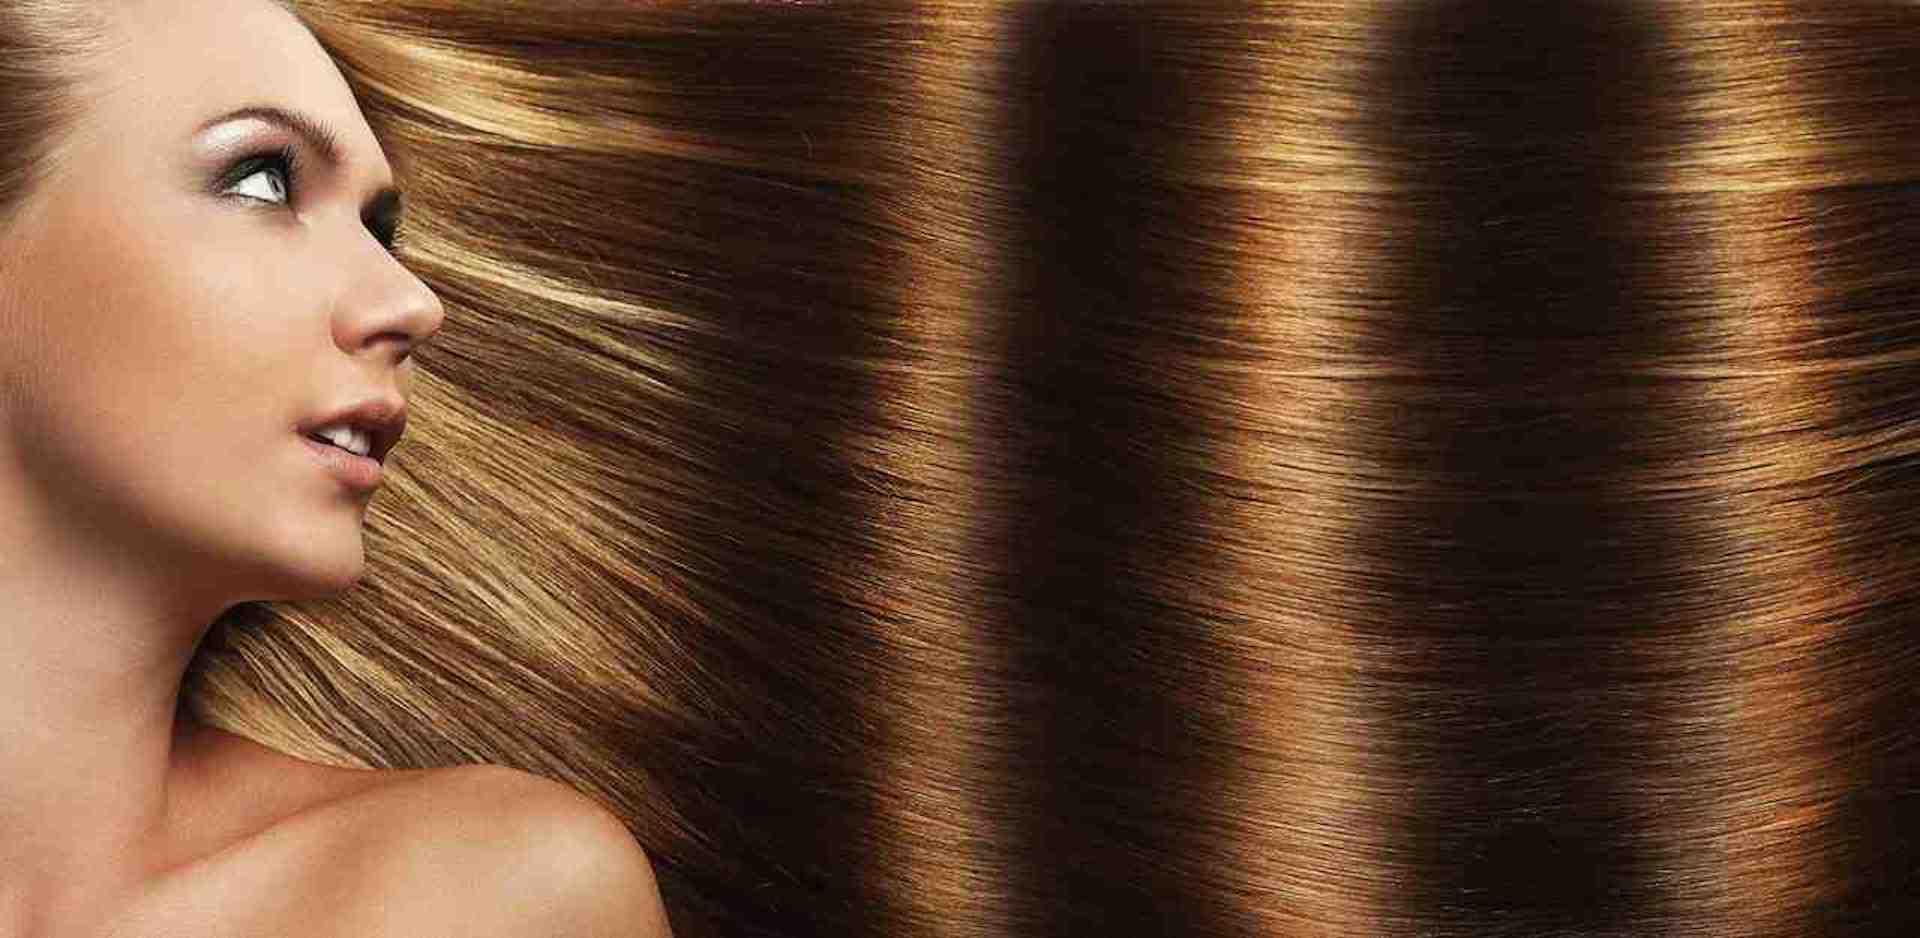 La piastra a ioni: come scegliere la migliore per avere capelli perfetti tutto l'anno